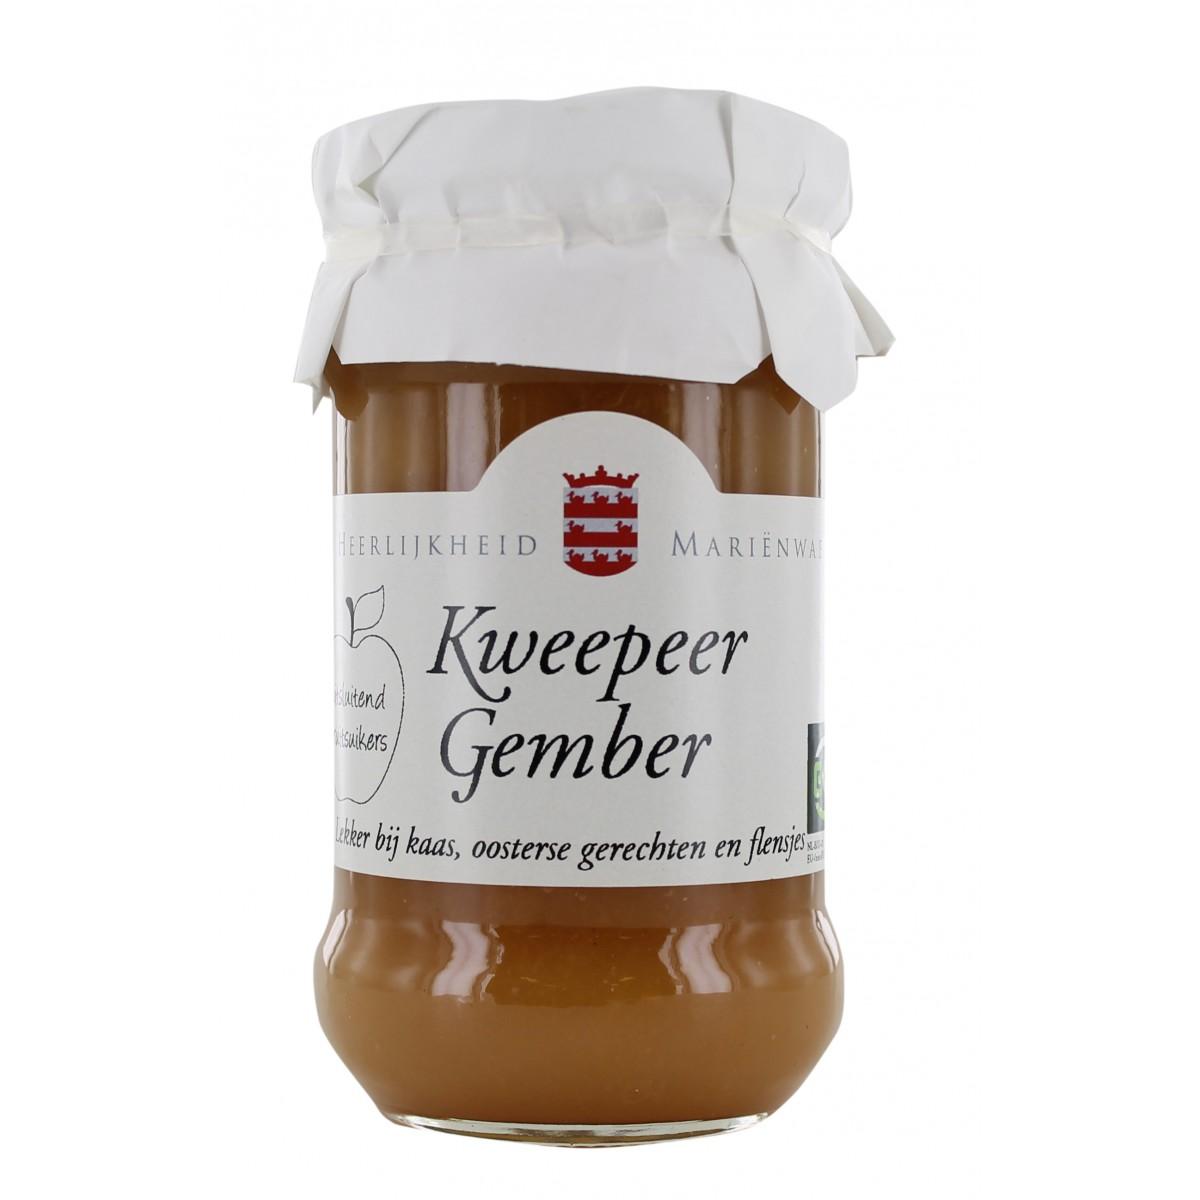 Vruchtenspread Kweepeer & Gember